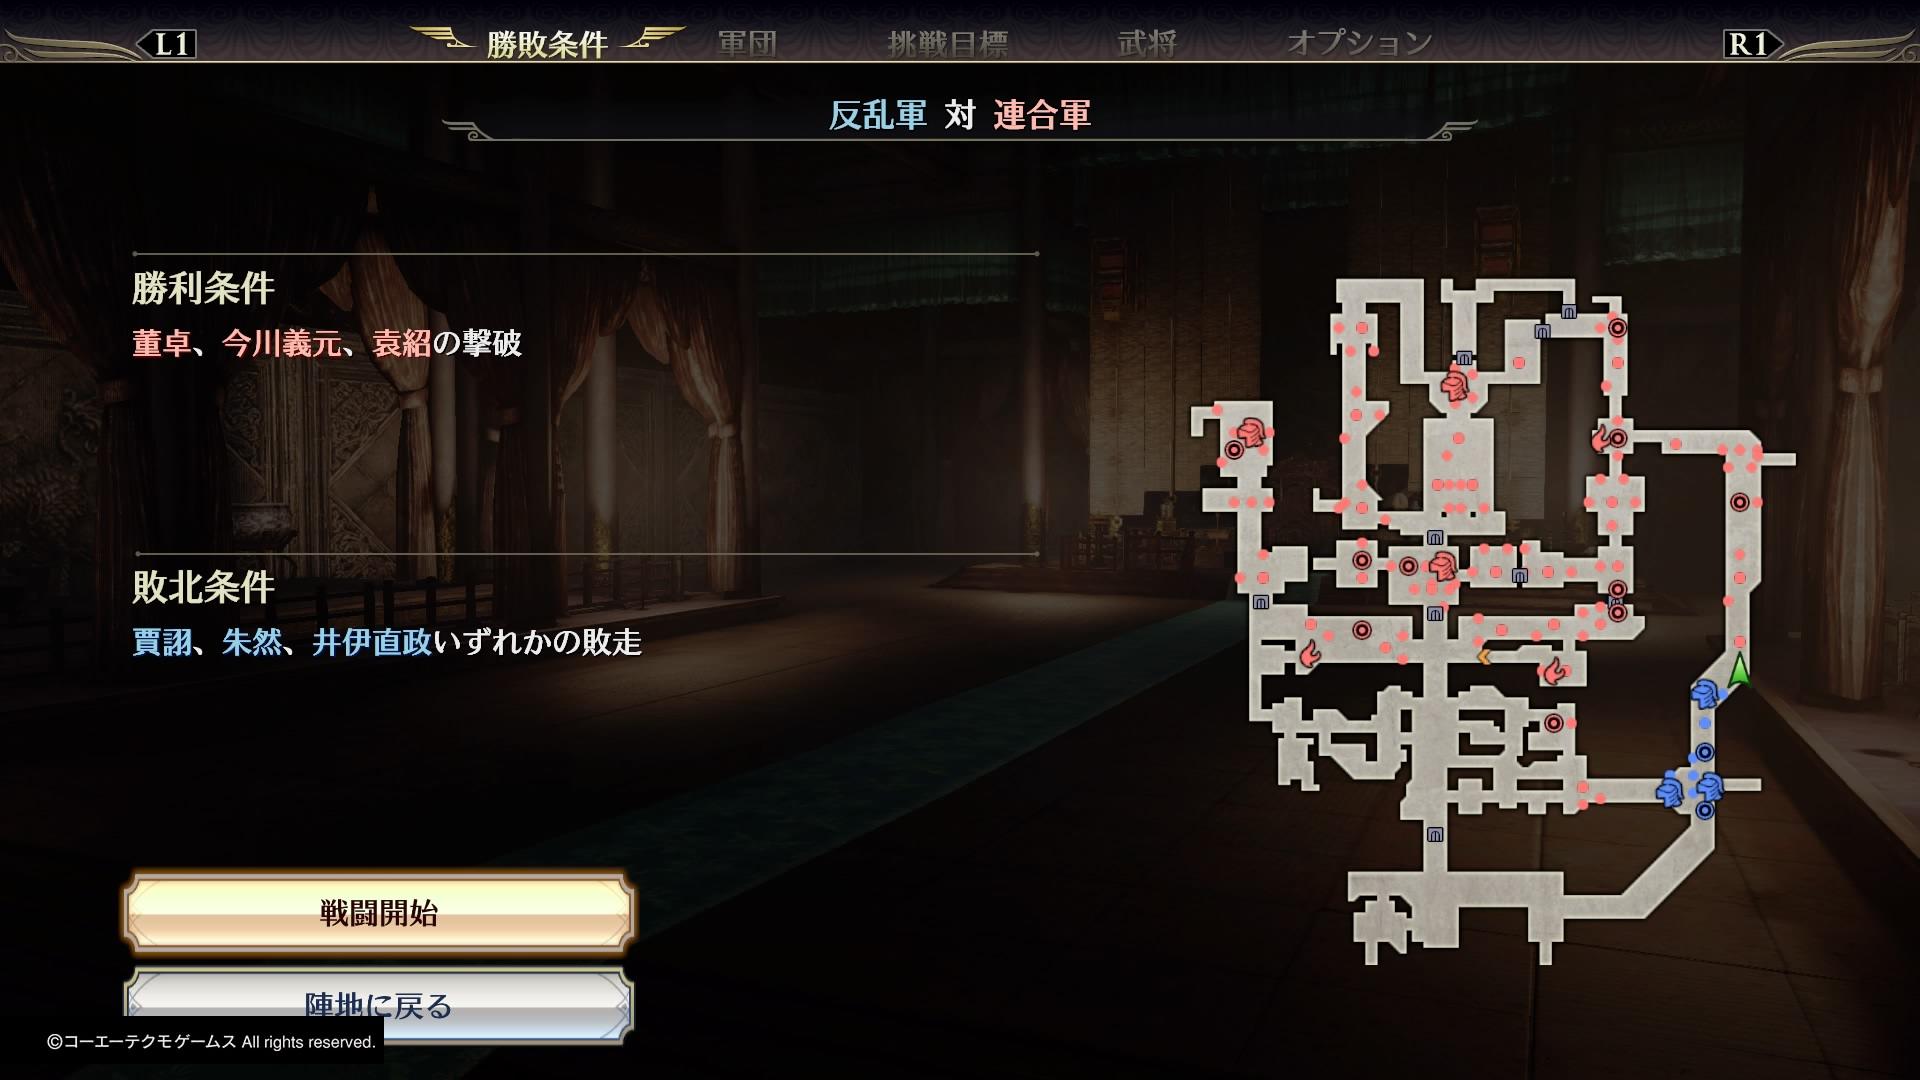 無双オロチ3 ストーリー攻略 第2章 織田同盟軍瓦解戦.